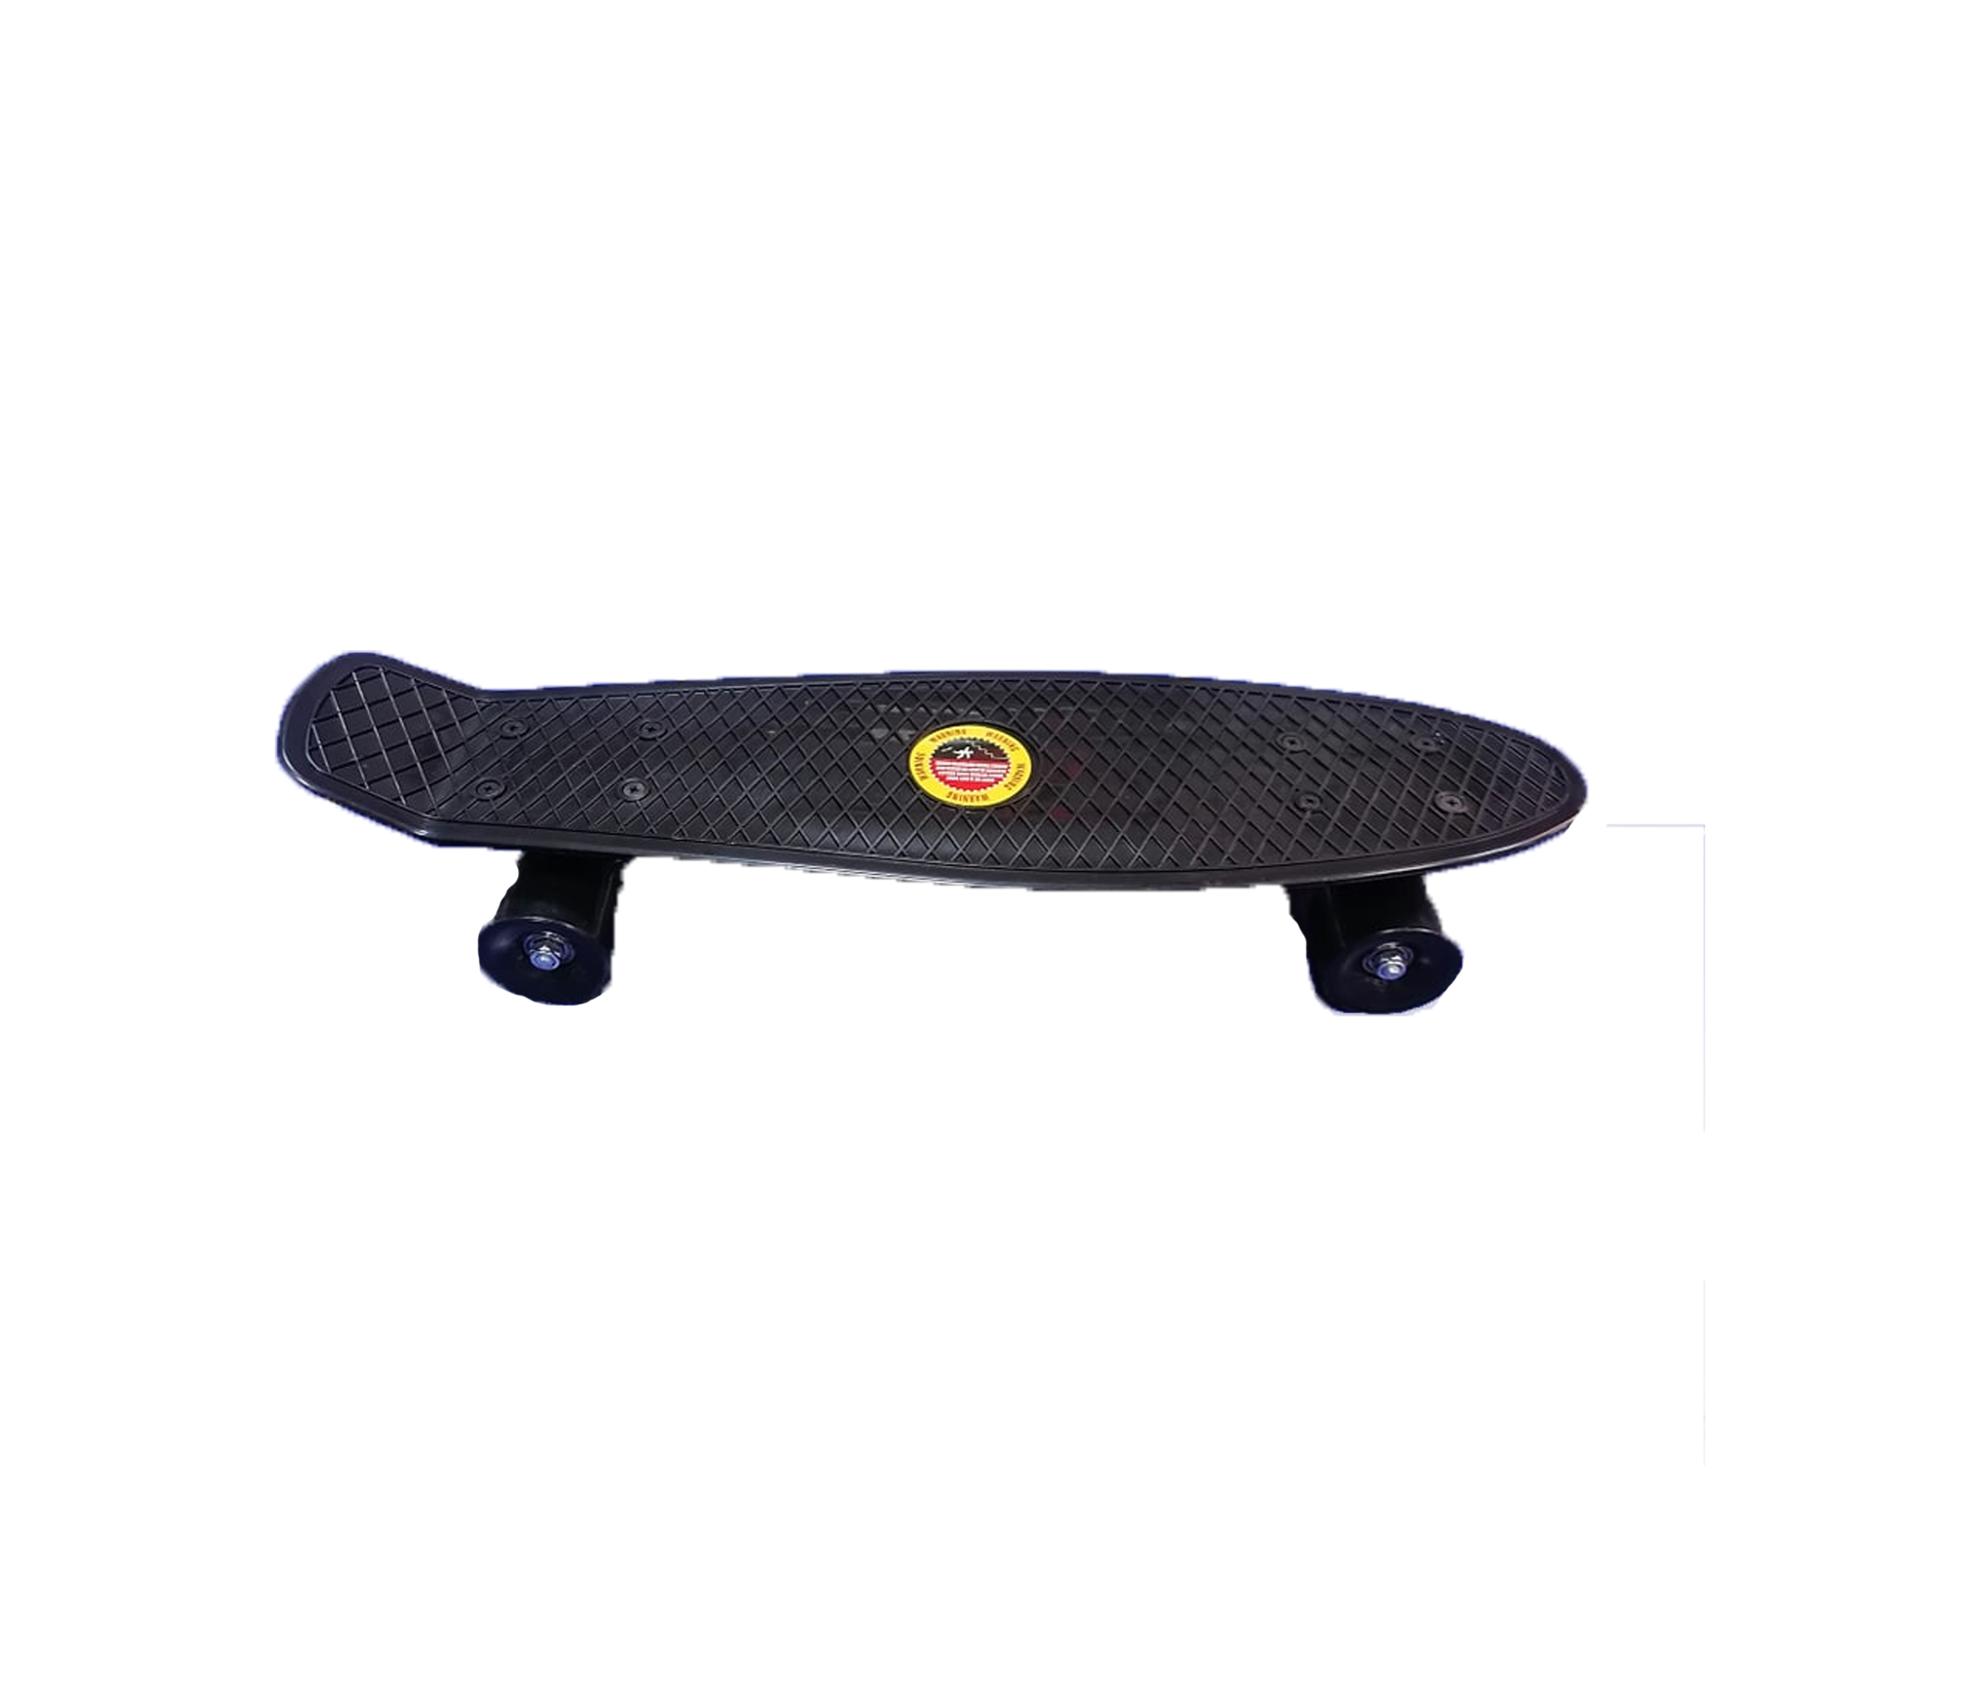 Image de Skate en plastique